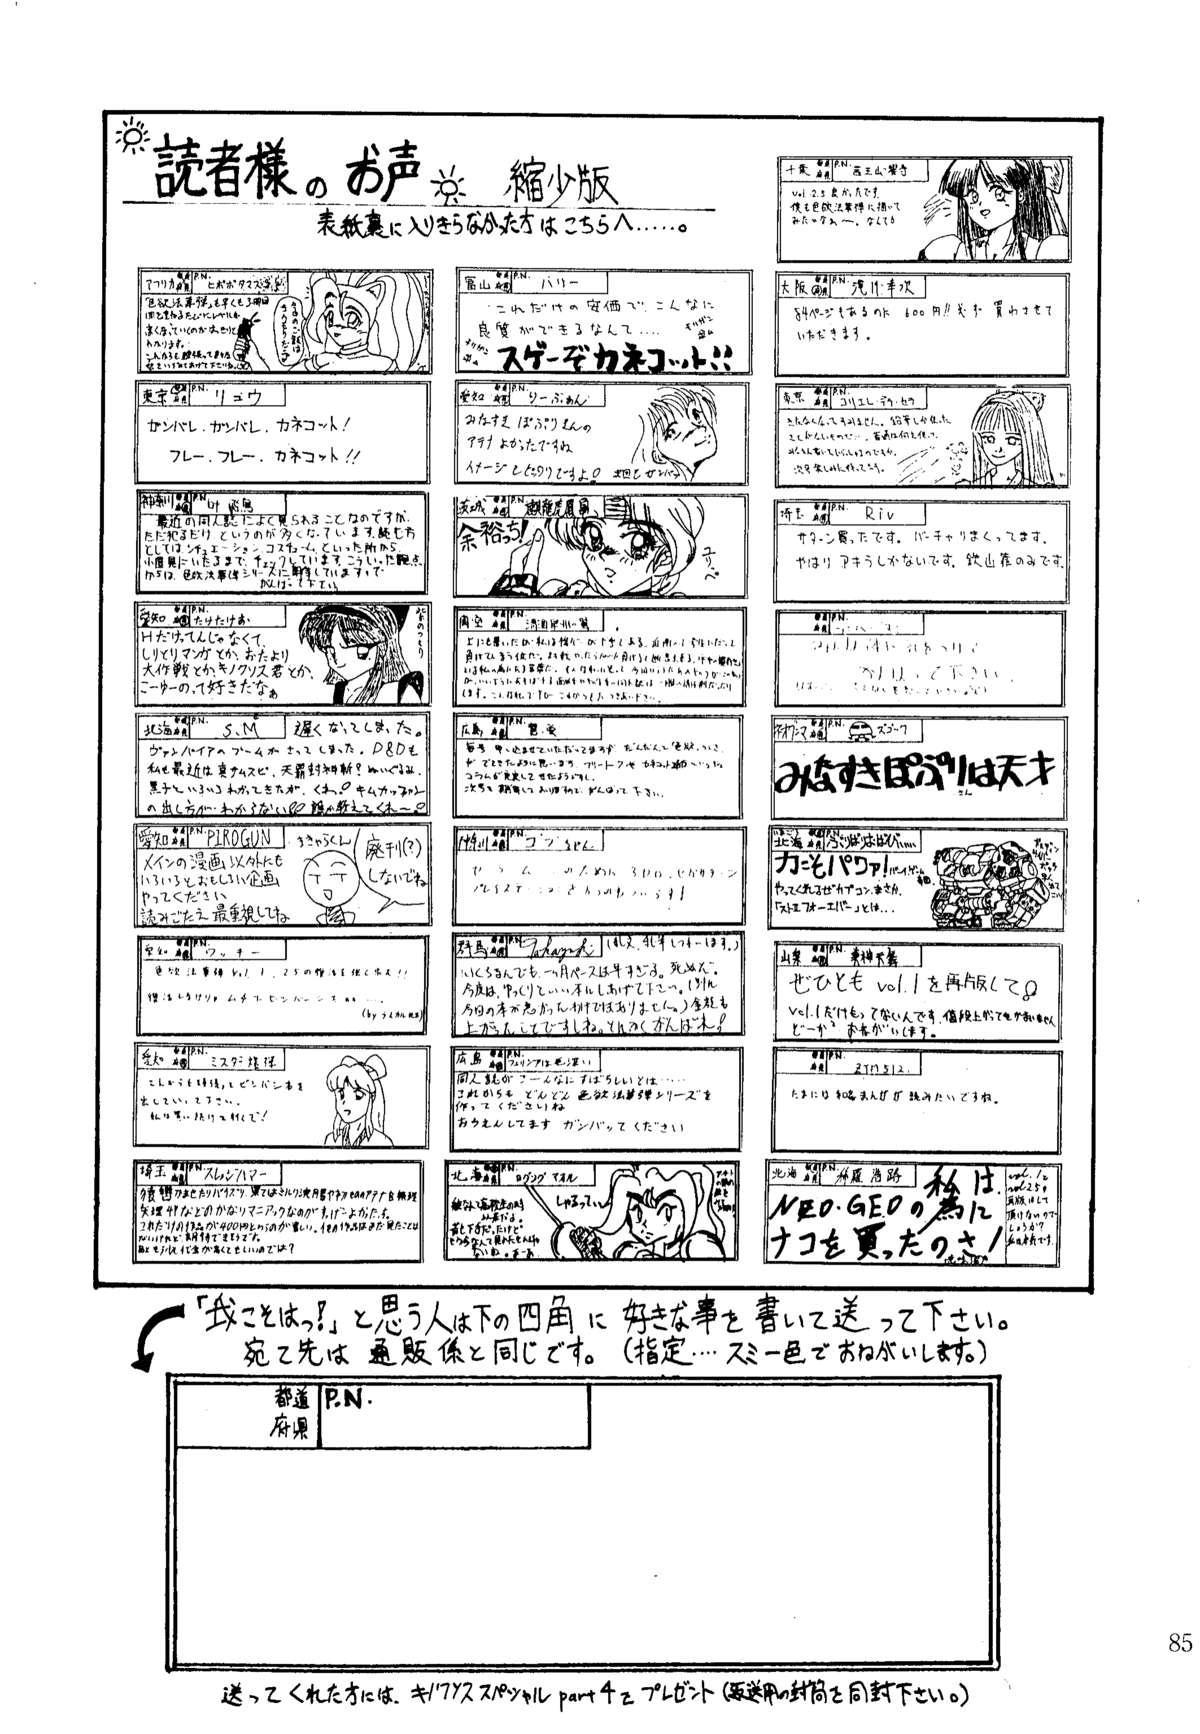 Shikiyoku Hokkedan 3 84